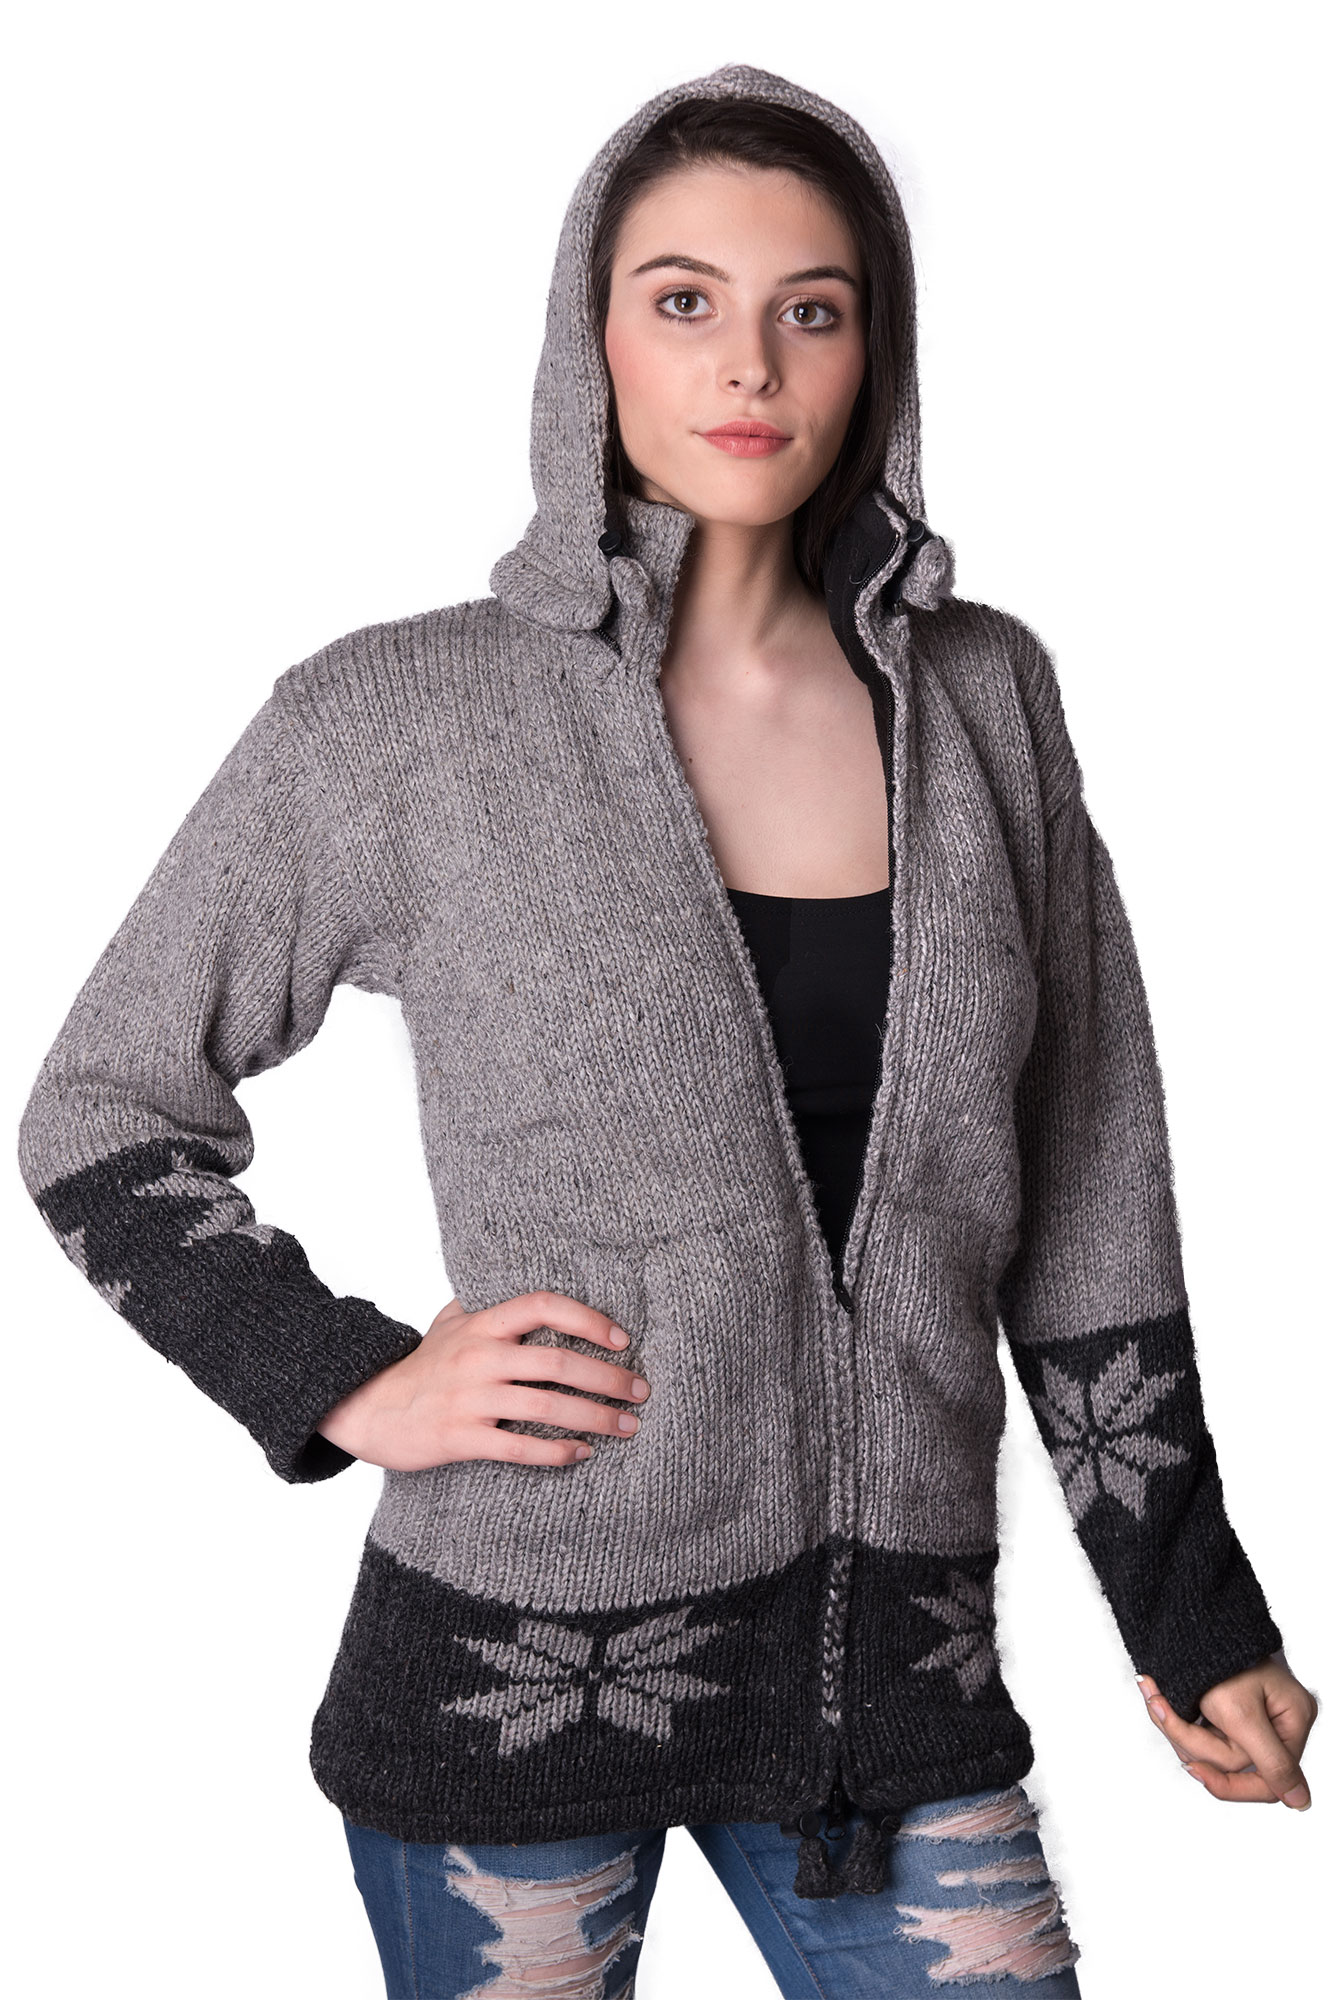 Wool Snowflake Himalayan Mountain Jacket – Long Length Pewter & Charcoal